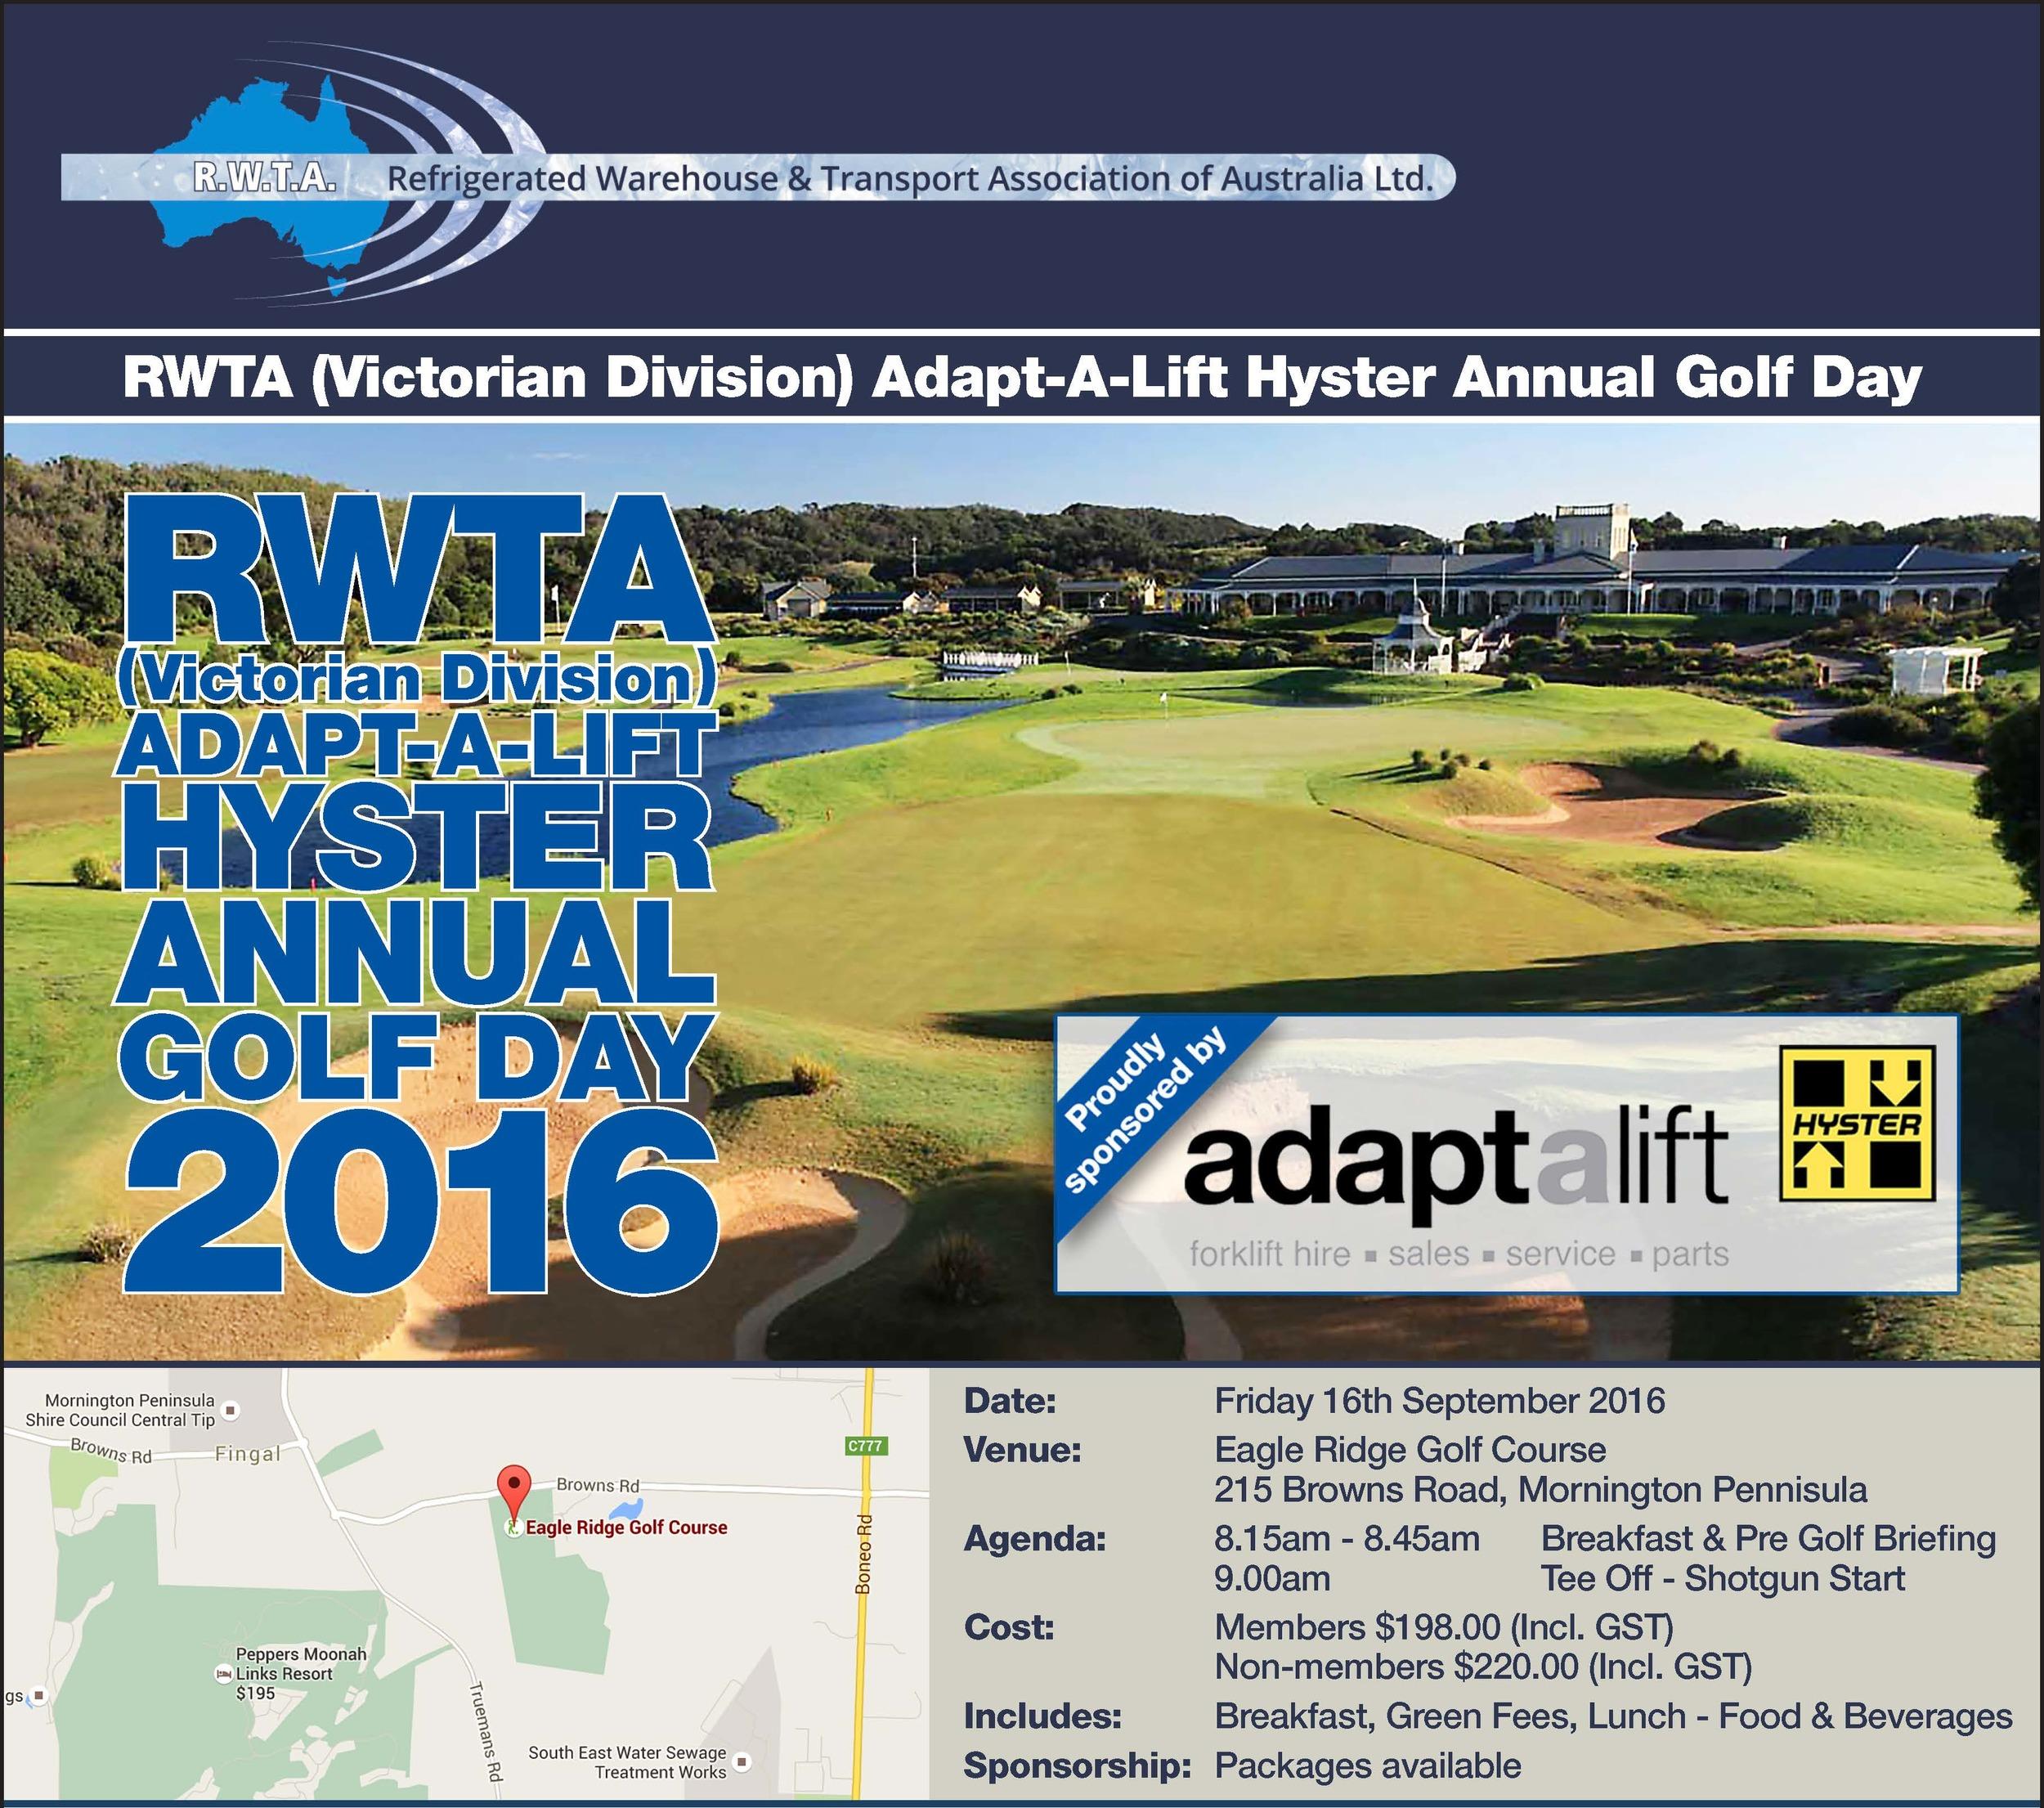 ff330-11788_rwta_vicnwgolf_sponsor_flyer.jpg